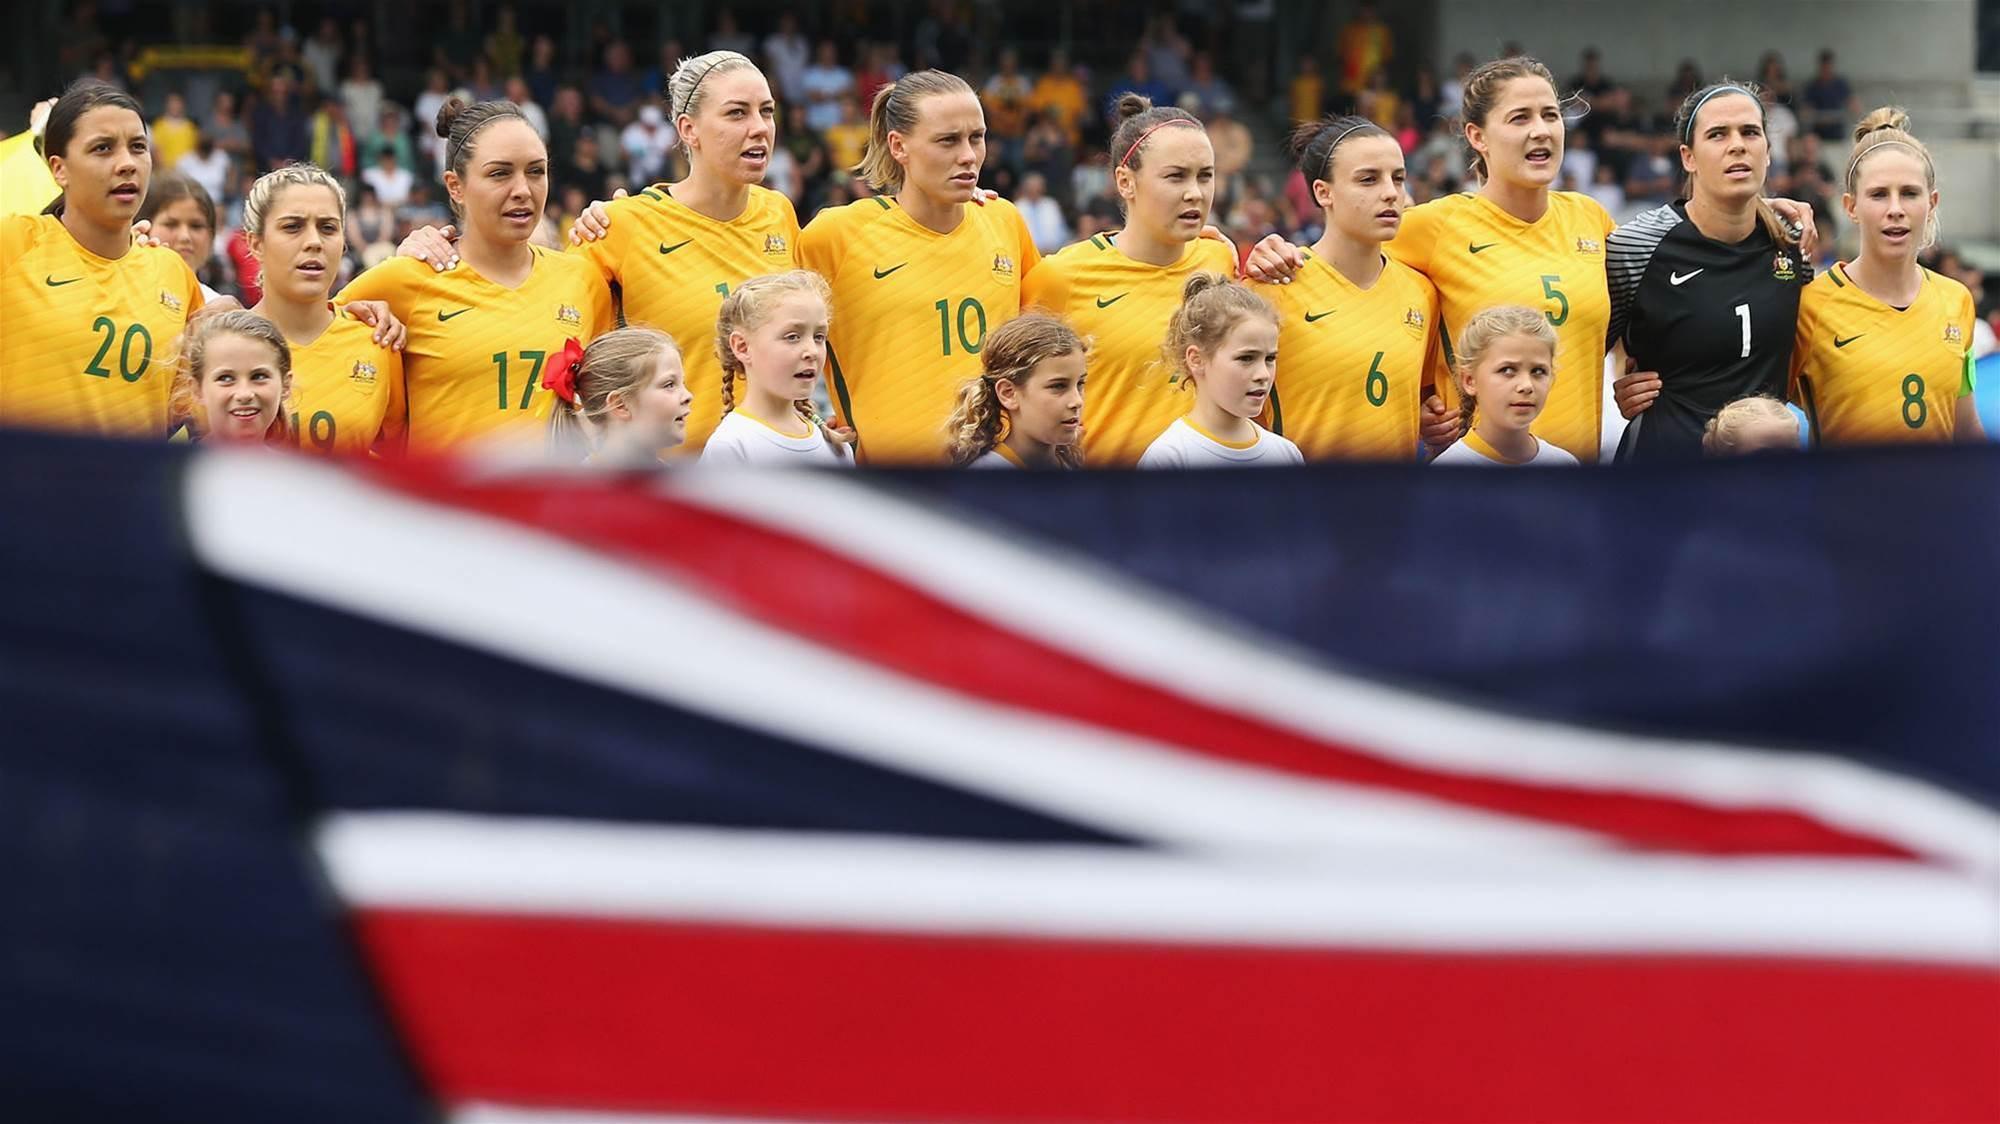 Perth to host Matildas farewell